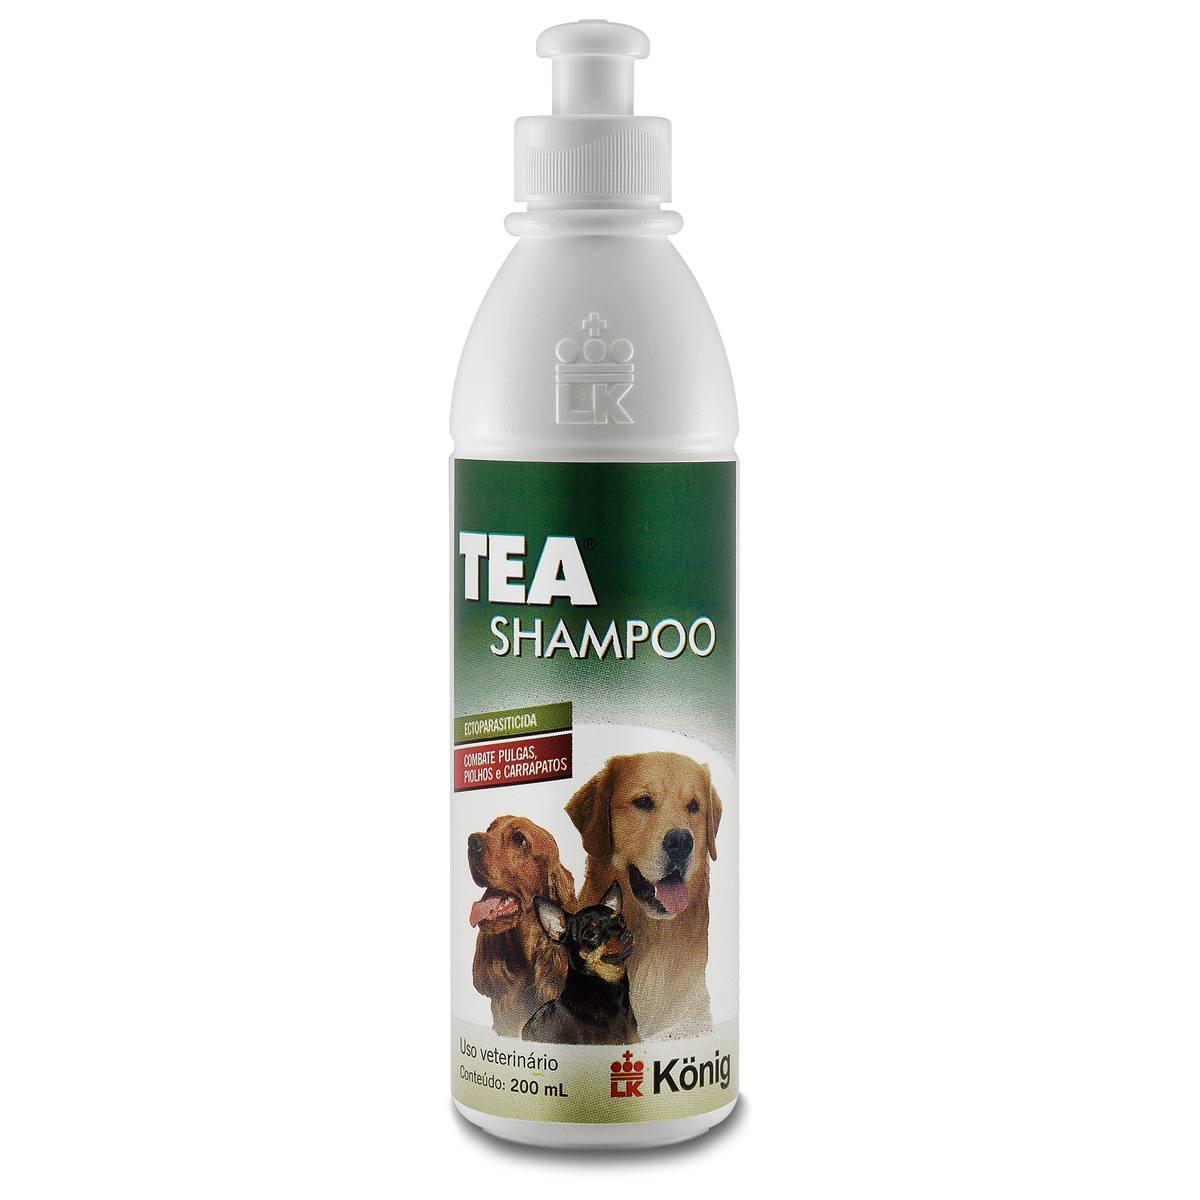 TEA Shampoo**